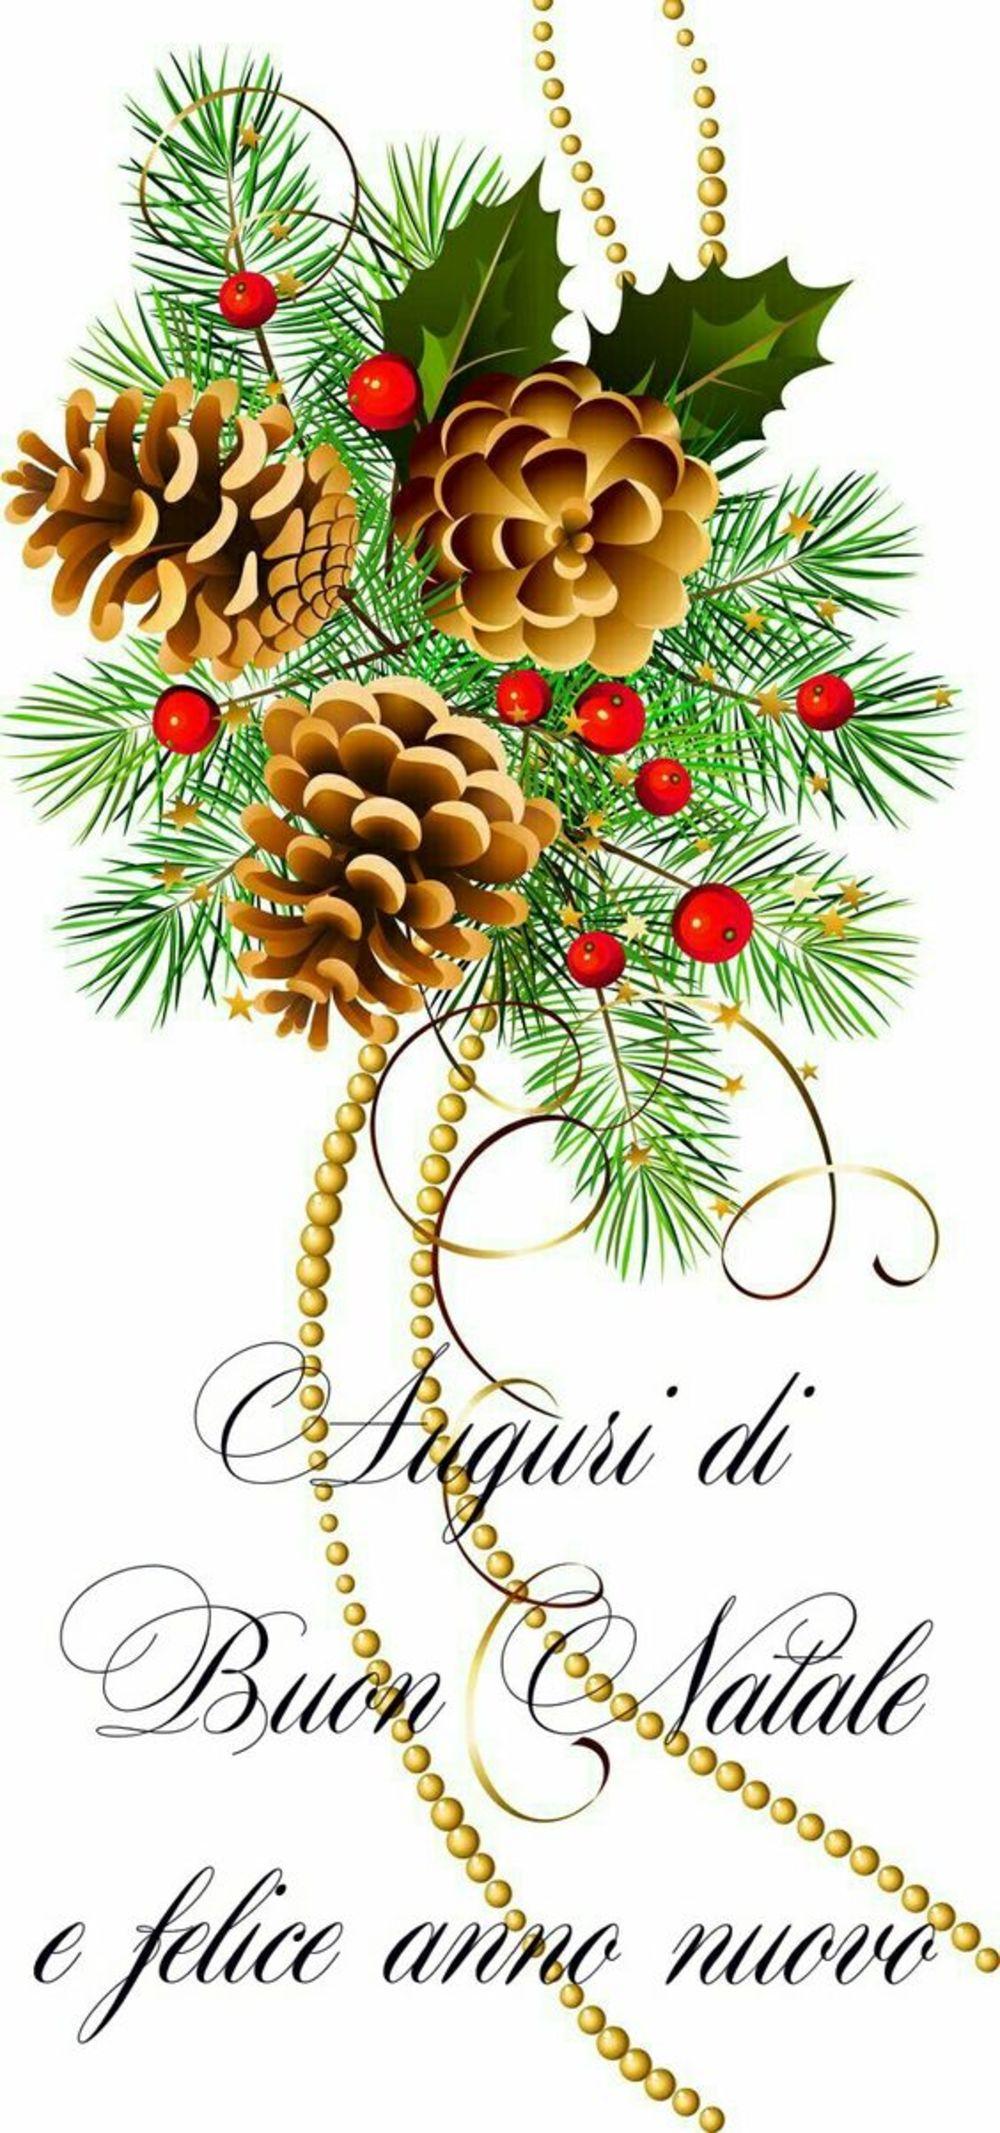 Buon Natale immagini religiose 3701